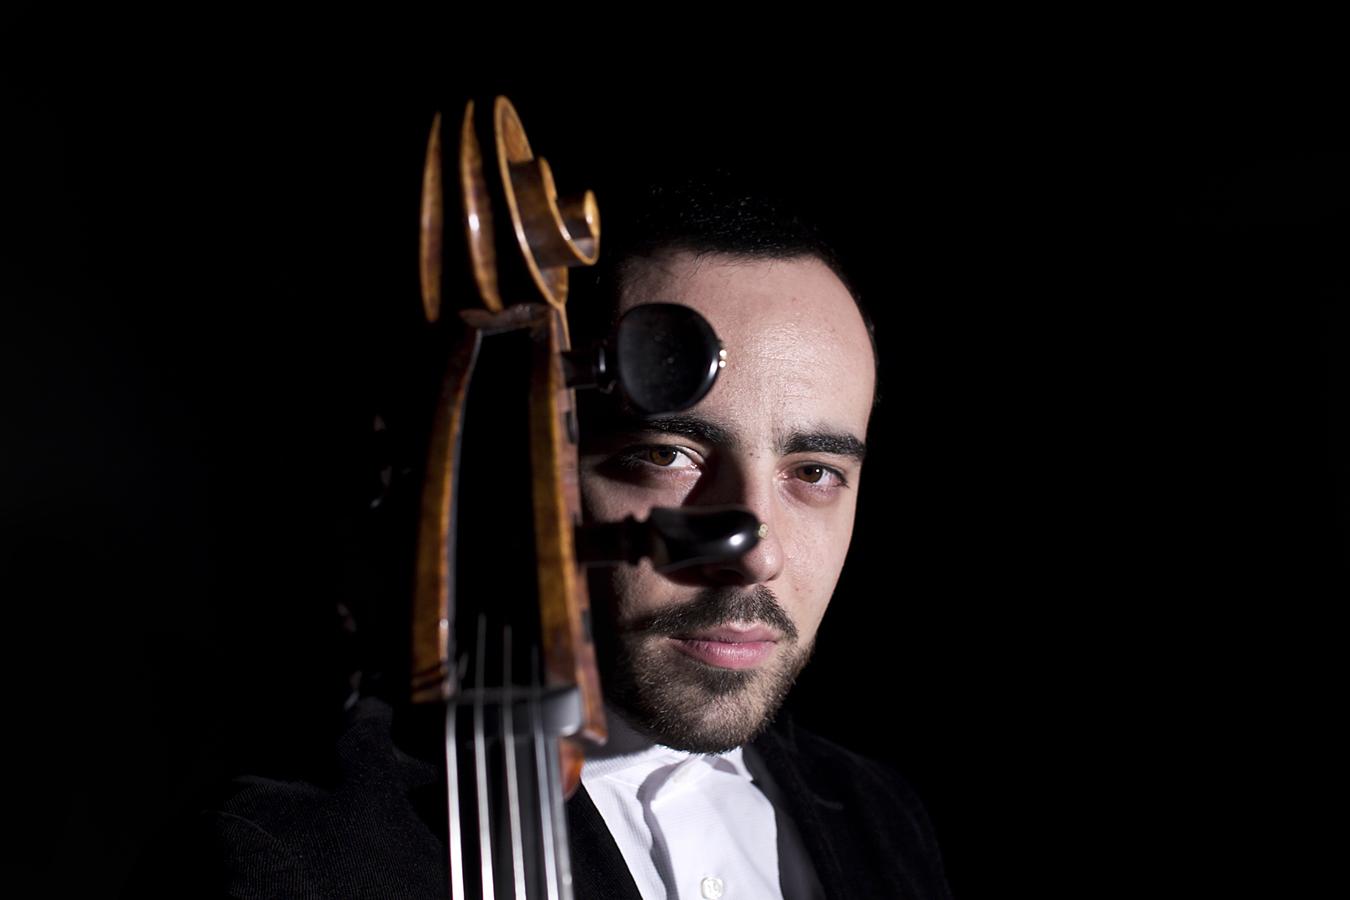 Concerto per violoncello e pianoforte, con il Duo Alessio Pianelli e Marco Giliberti